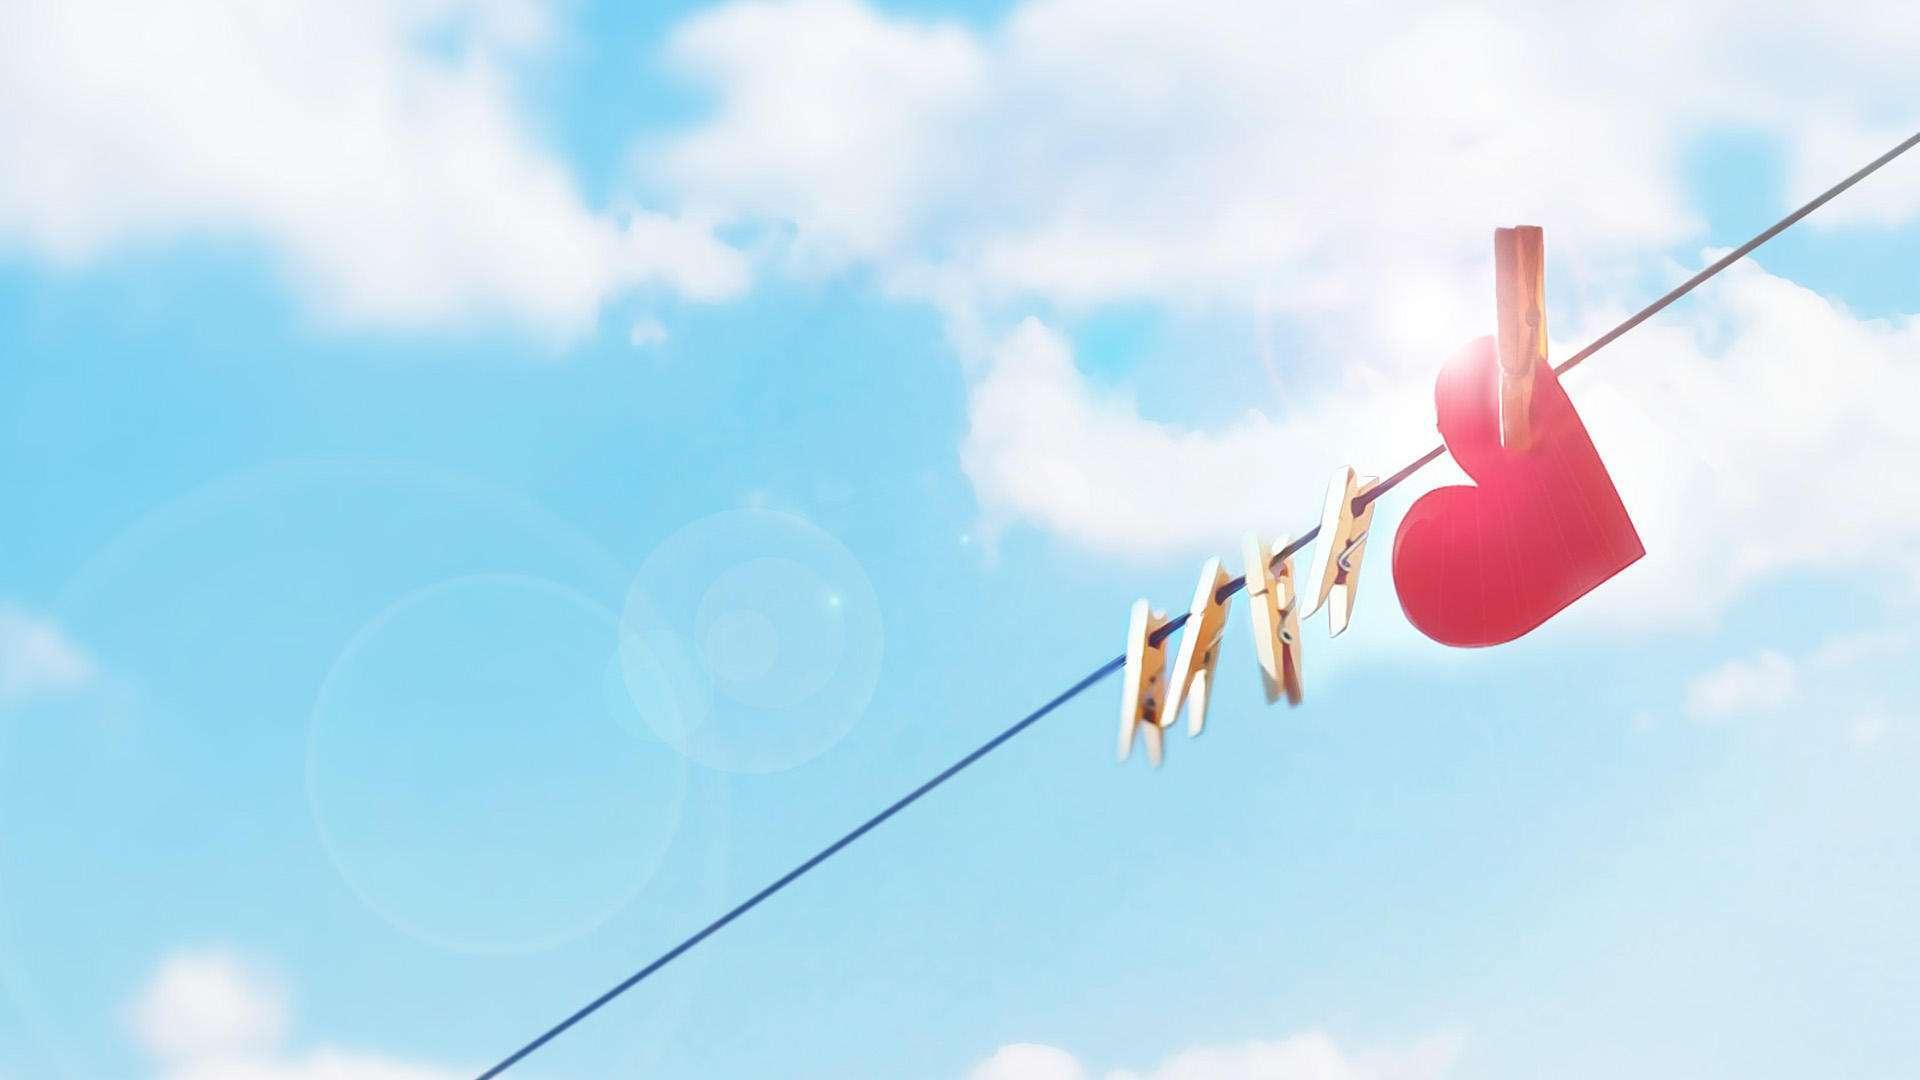 为自己而活的人生情感励志语录:珍惜你这一生,不让自己有遗憾